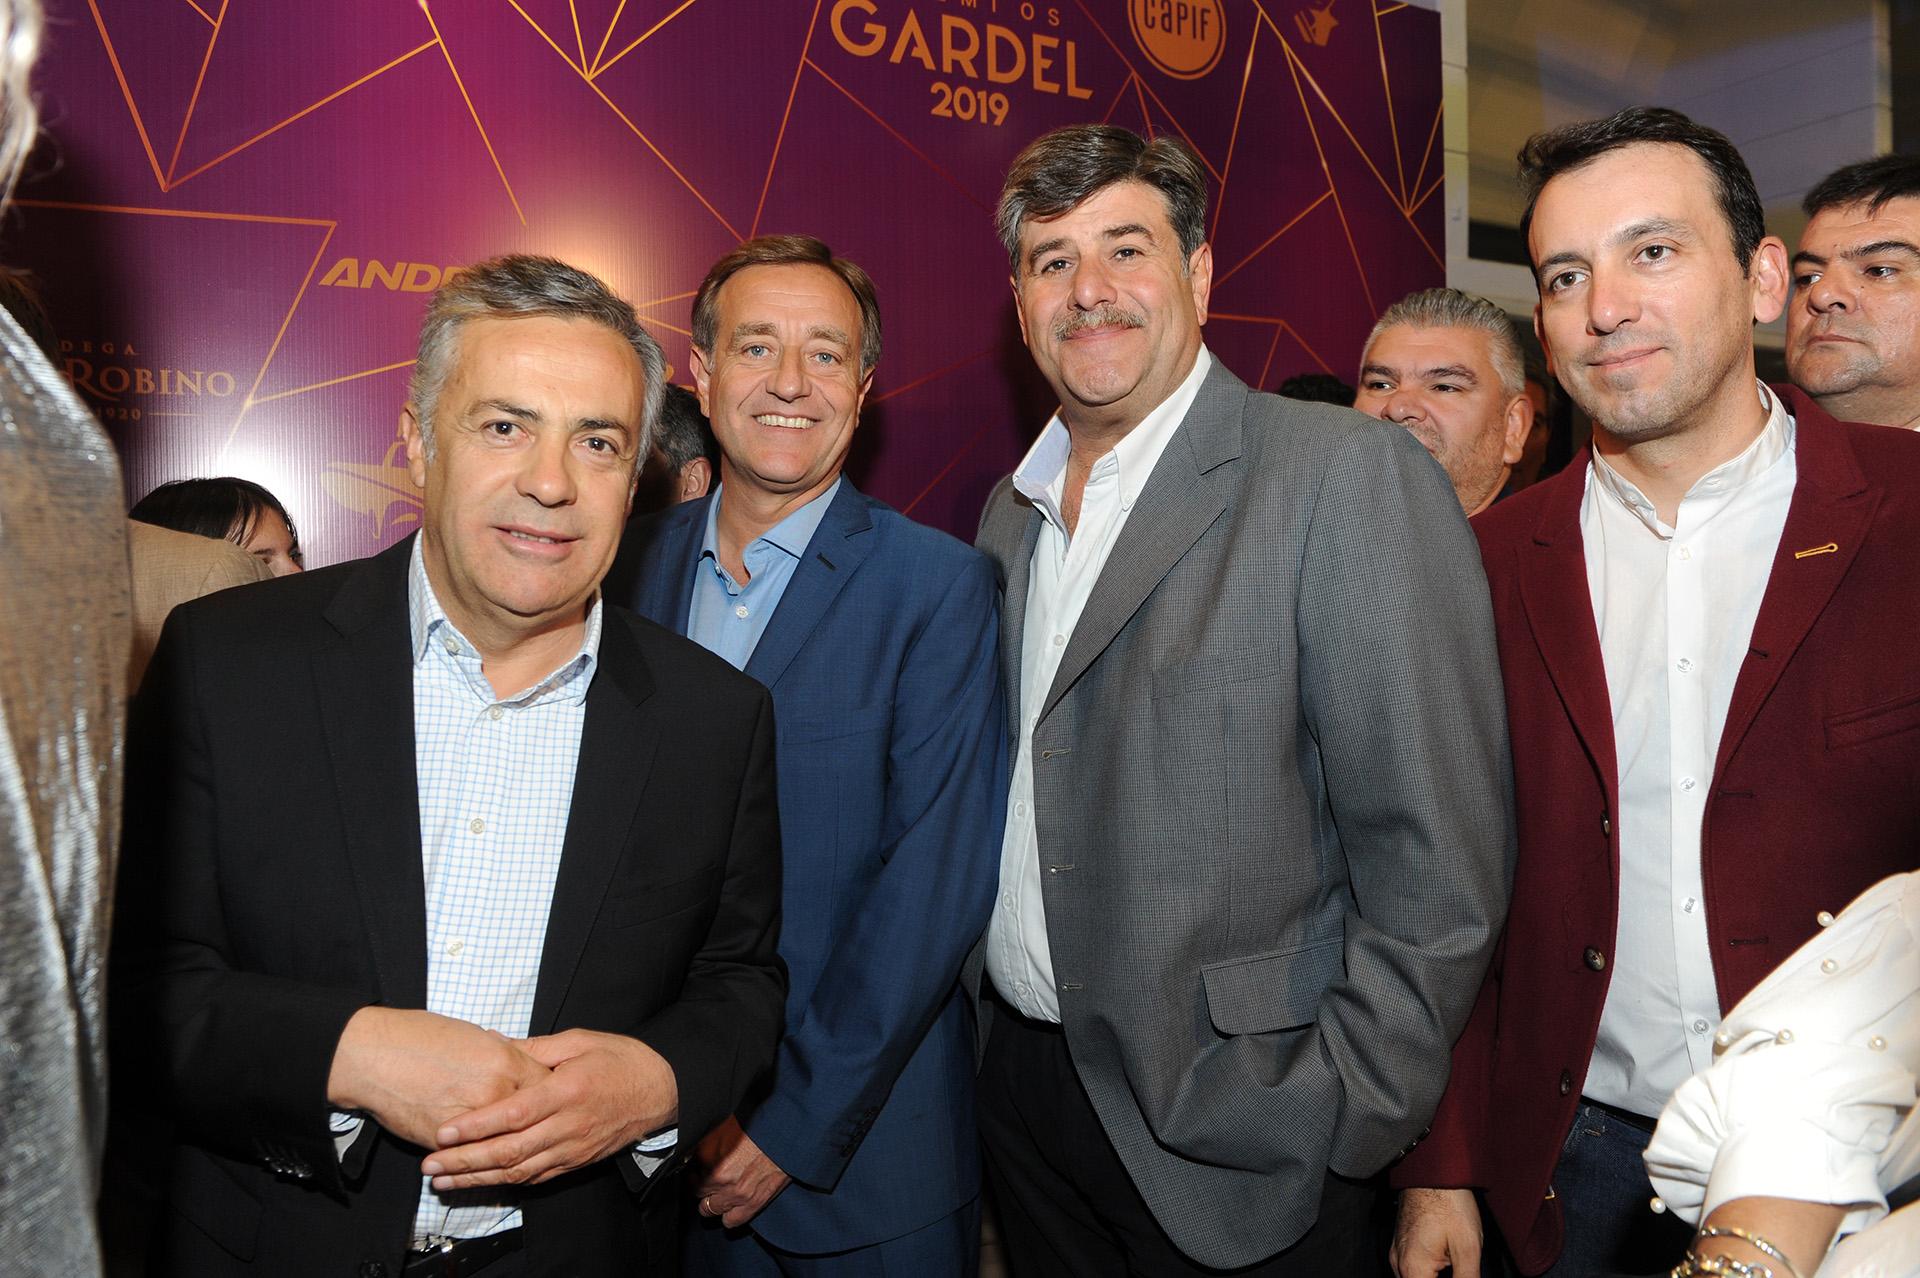 El gobernador de Mendoza, Alfredo Cornejo, al ingresar al Auditorio Ángel Bustelo, de Mendoza, para participar de la ceremonia de la entrega de los Premios Gardel, que distinguen a lo más destacado de la música argentina